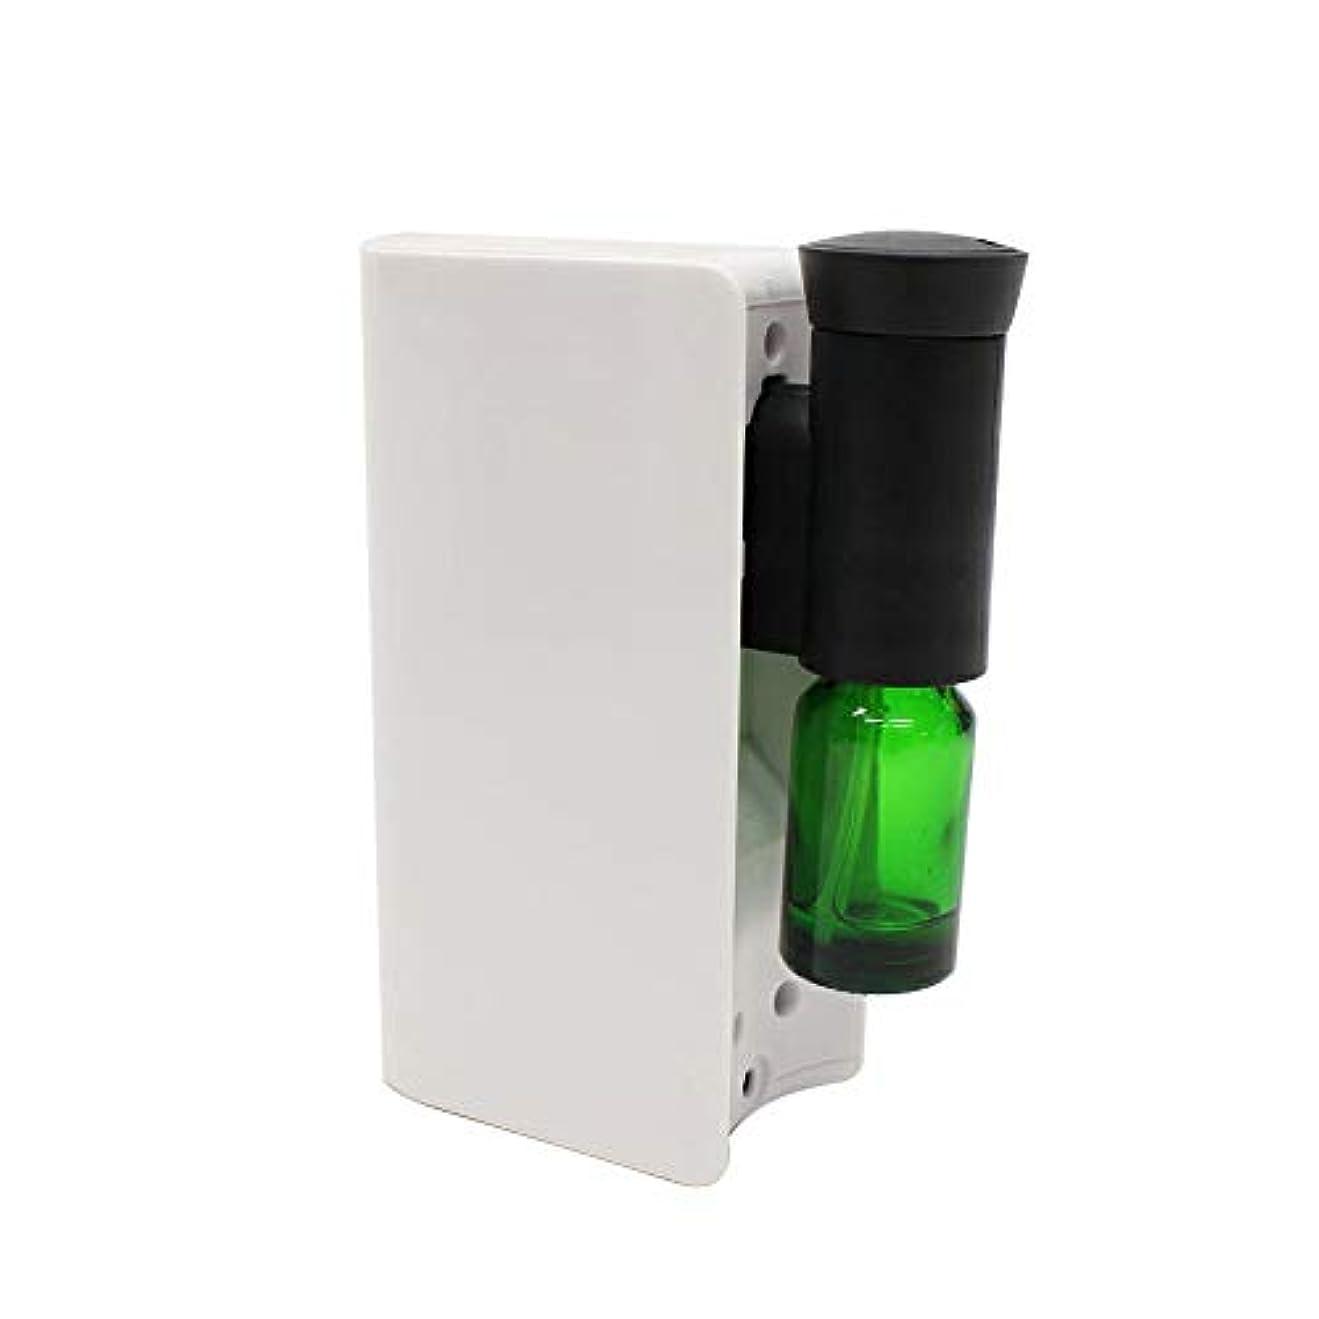 オフセットぼかし振り返るアロマ ディフューザー 電池式アロマディフューザー 水を使わない ネブライザー式 アロマオイル対応 自動停止 ECOモード搭載 香り 癒し シンプル コンパクト ホワイト